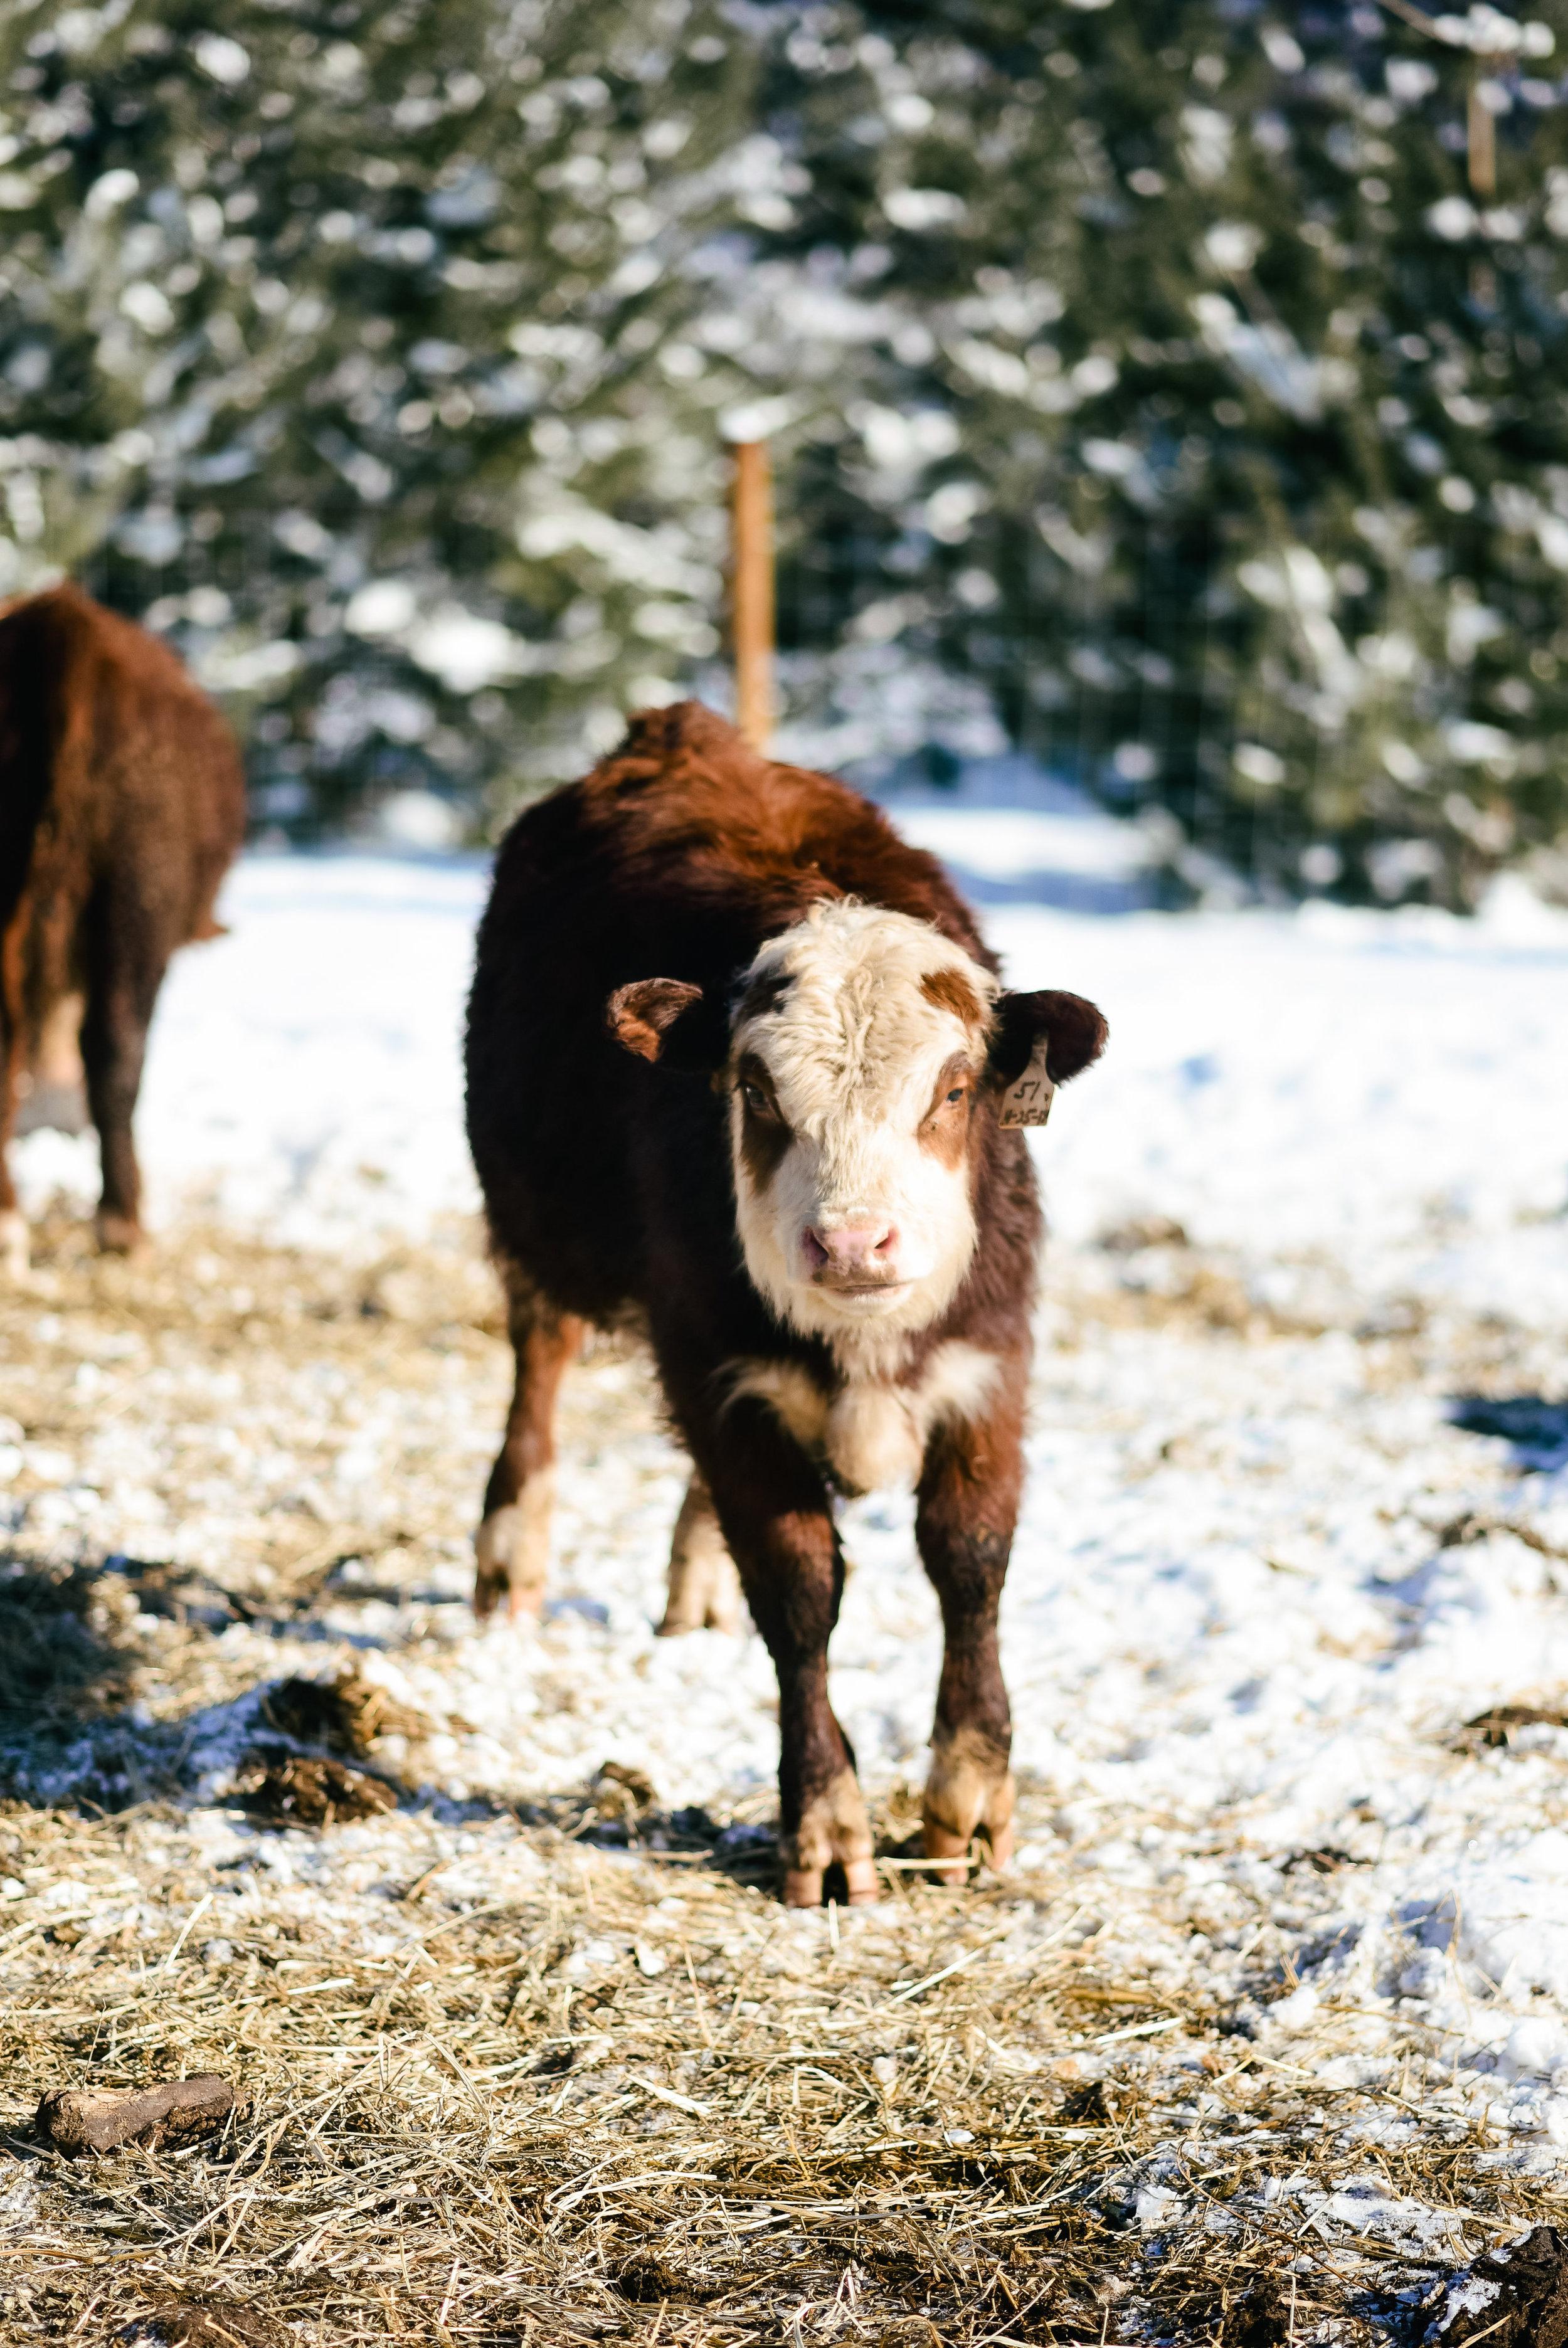 Homestead Wisconsin grassfed beef